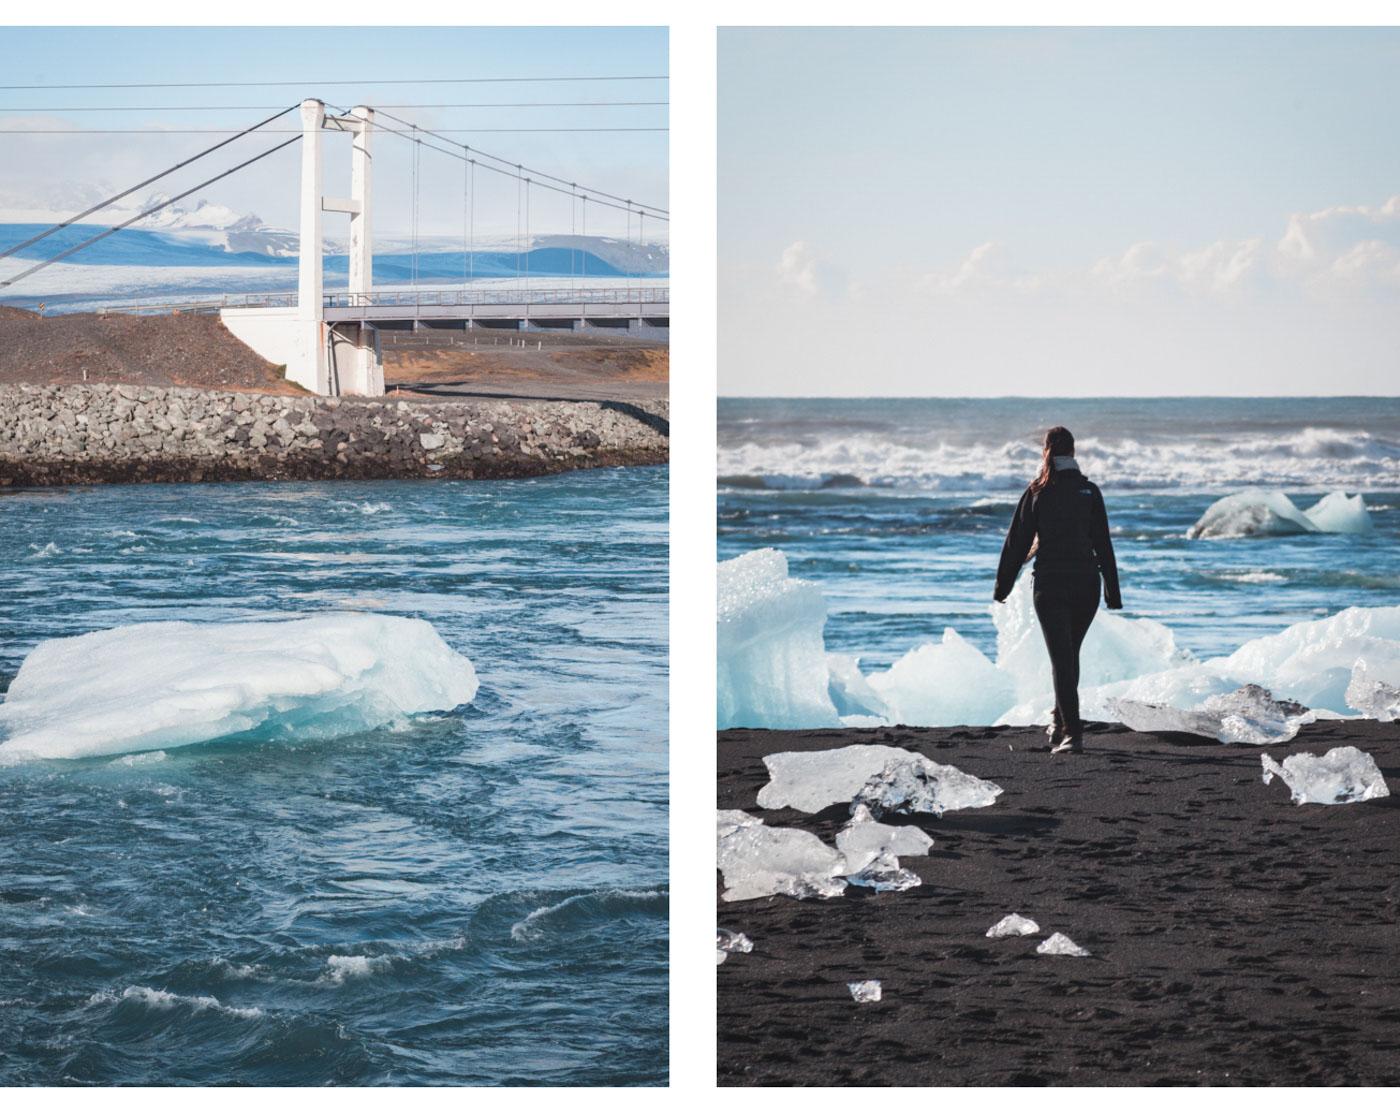 Wypożyczanie samochodu na Islandii. Most obok zatoki lodowcowej Jokulsarlon